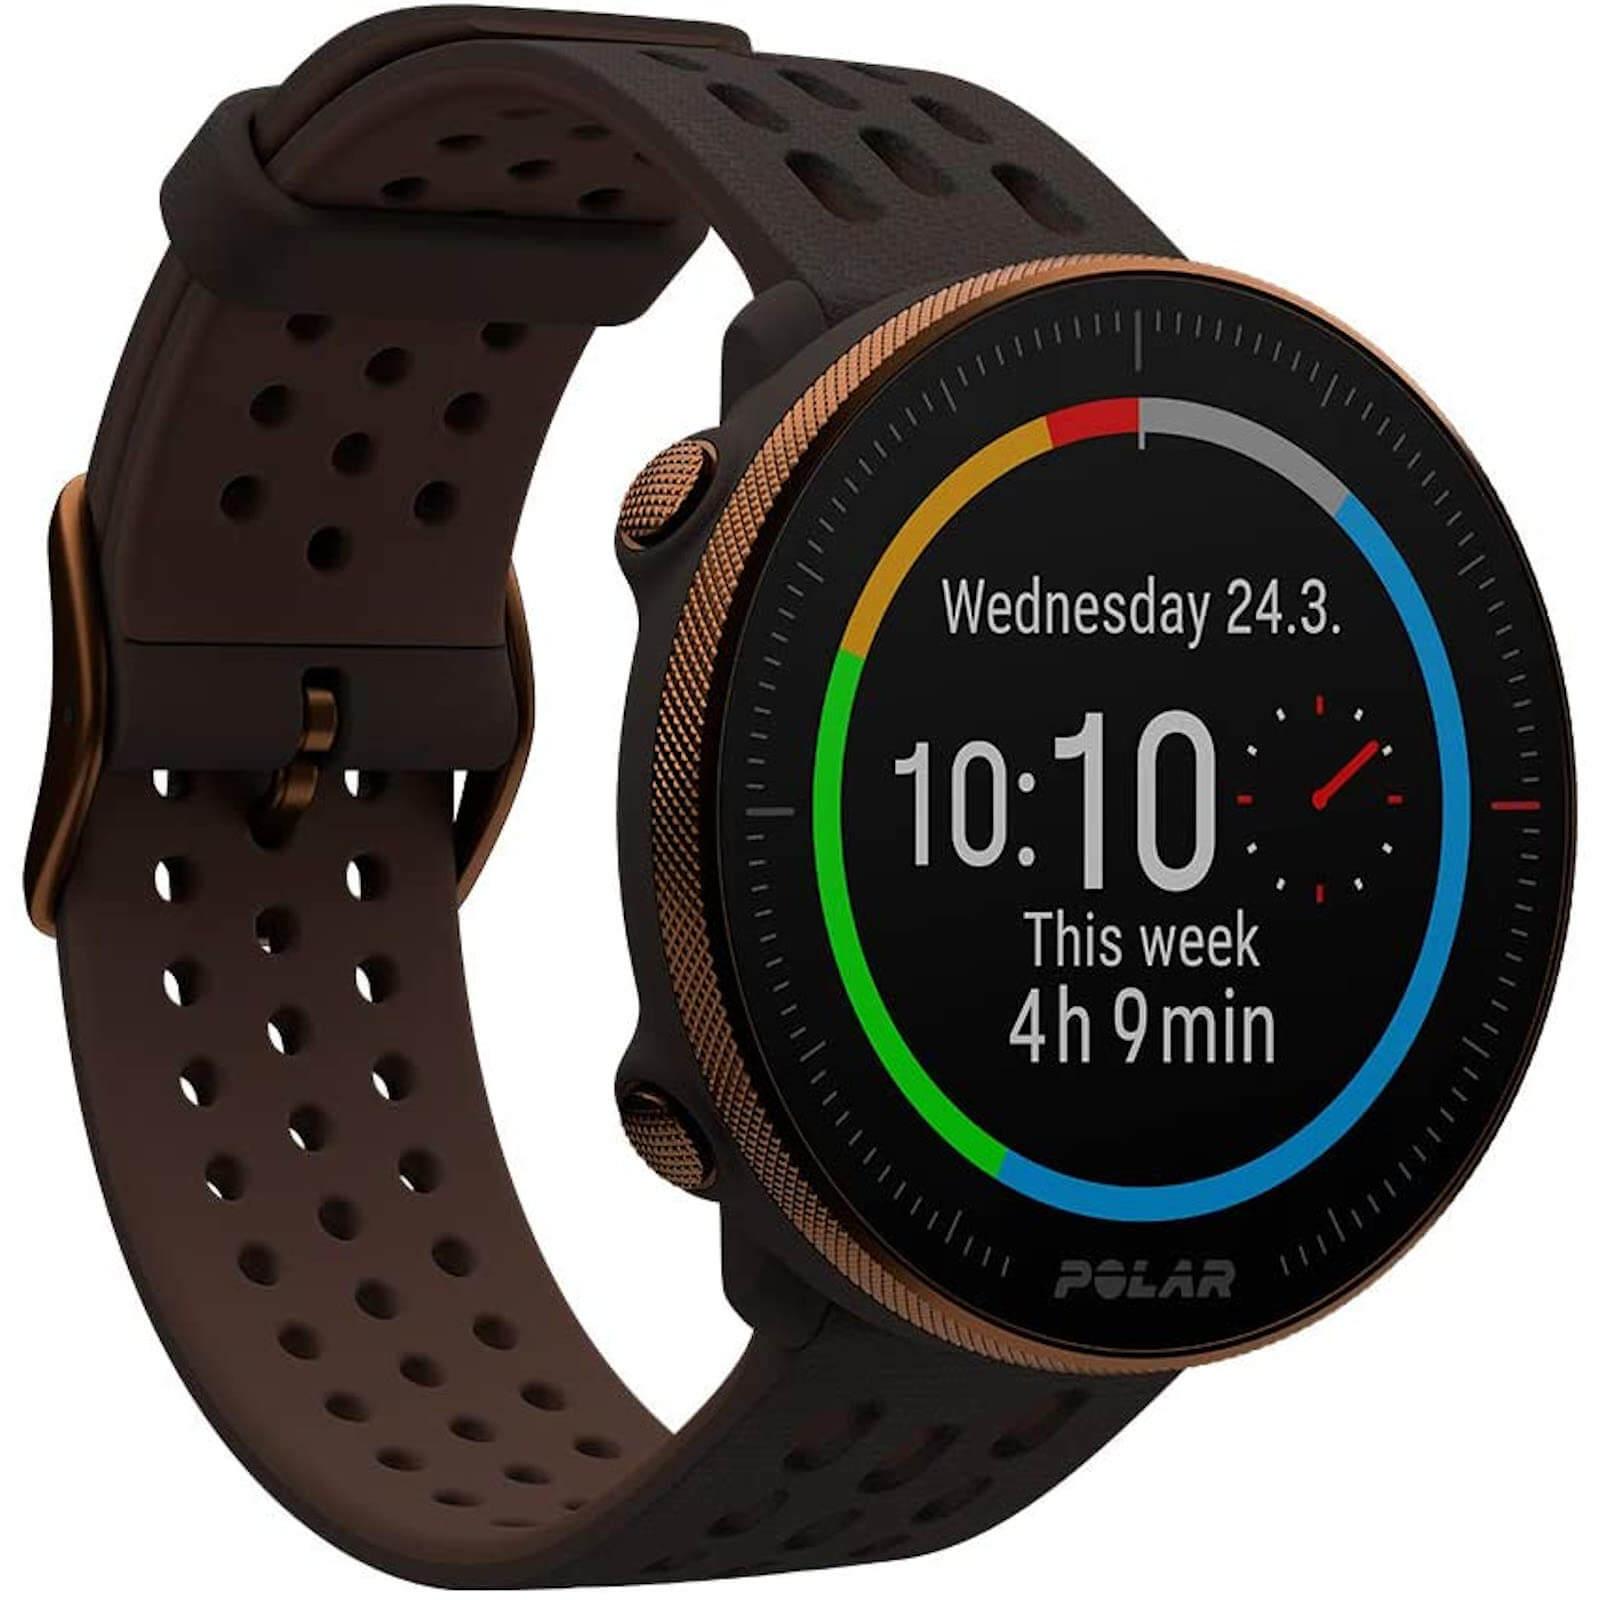 Polar Vantage M2 Multisport Watch - Brown